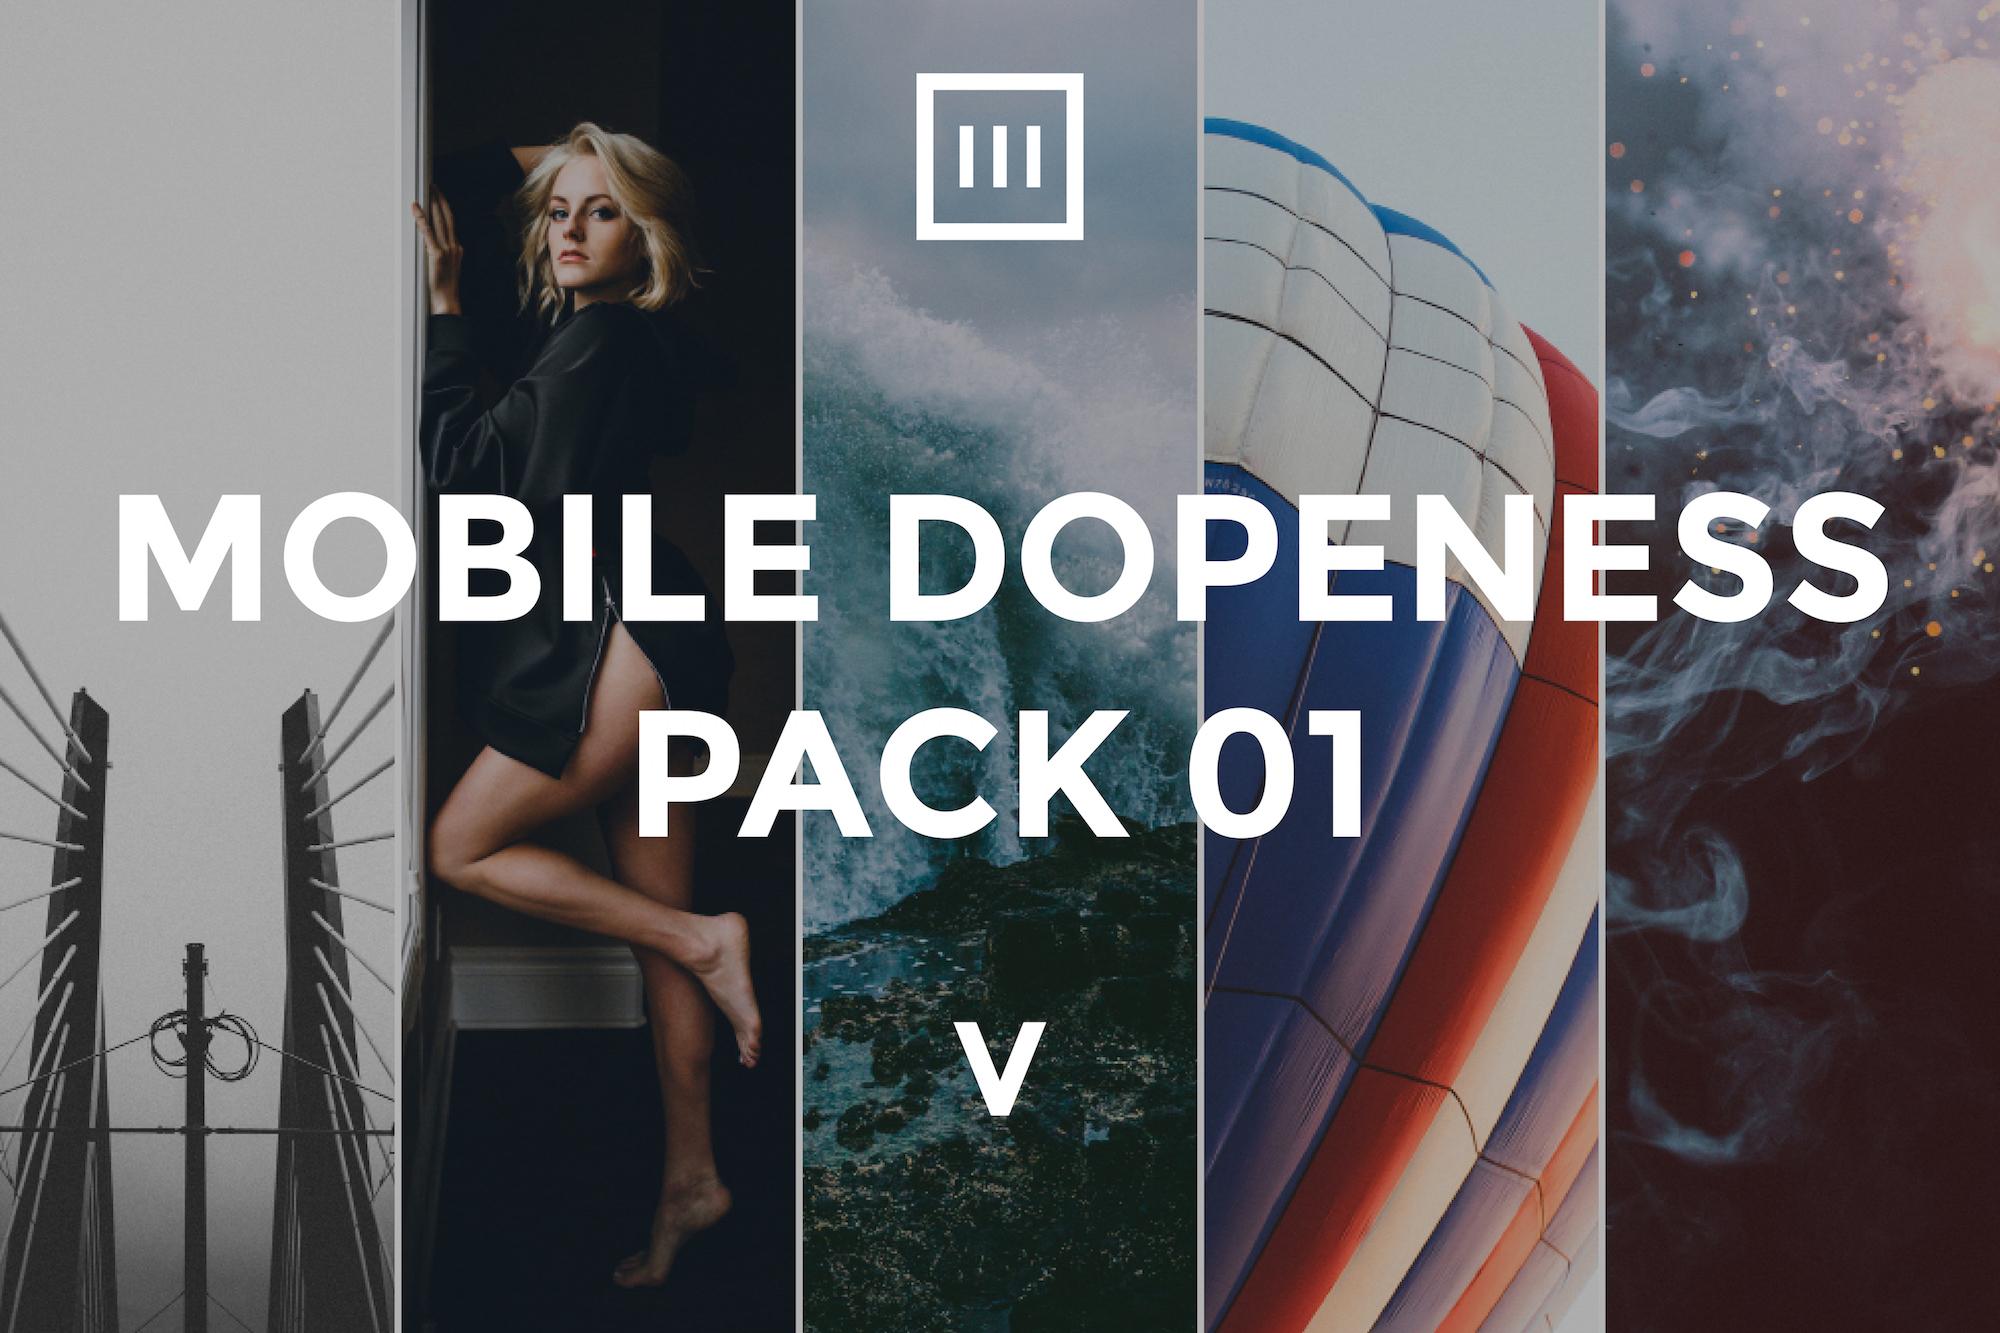 packpromo.jpg